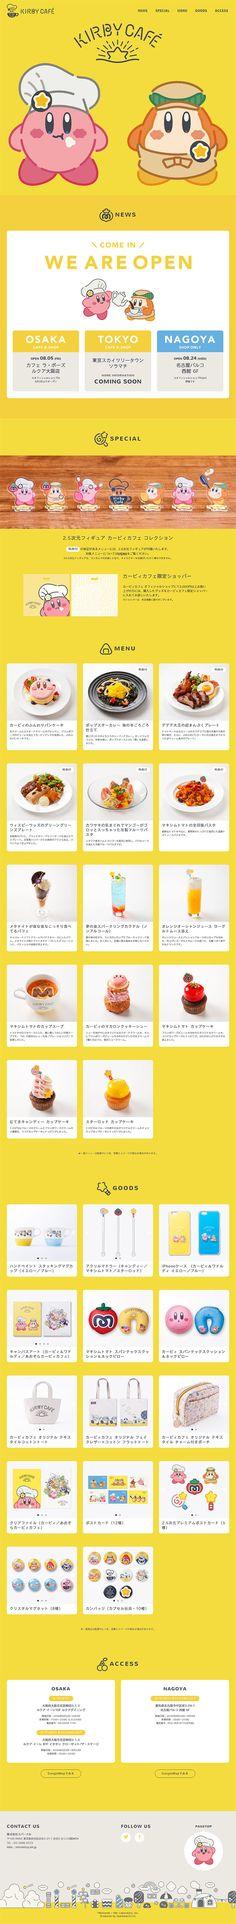 カービィカフェ 公式サイト【食品関連】のLPデザイン。WEBデザイナーさん必見!ランディングページのデザイン参考に(かわいい系)